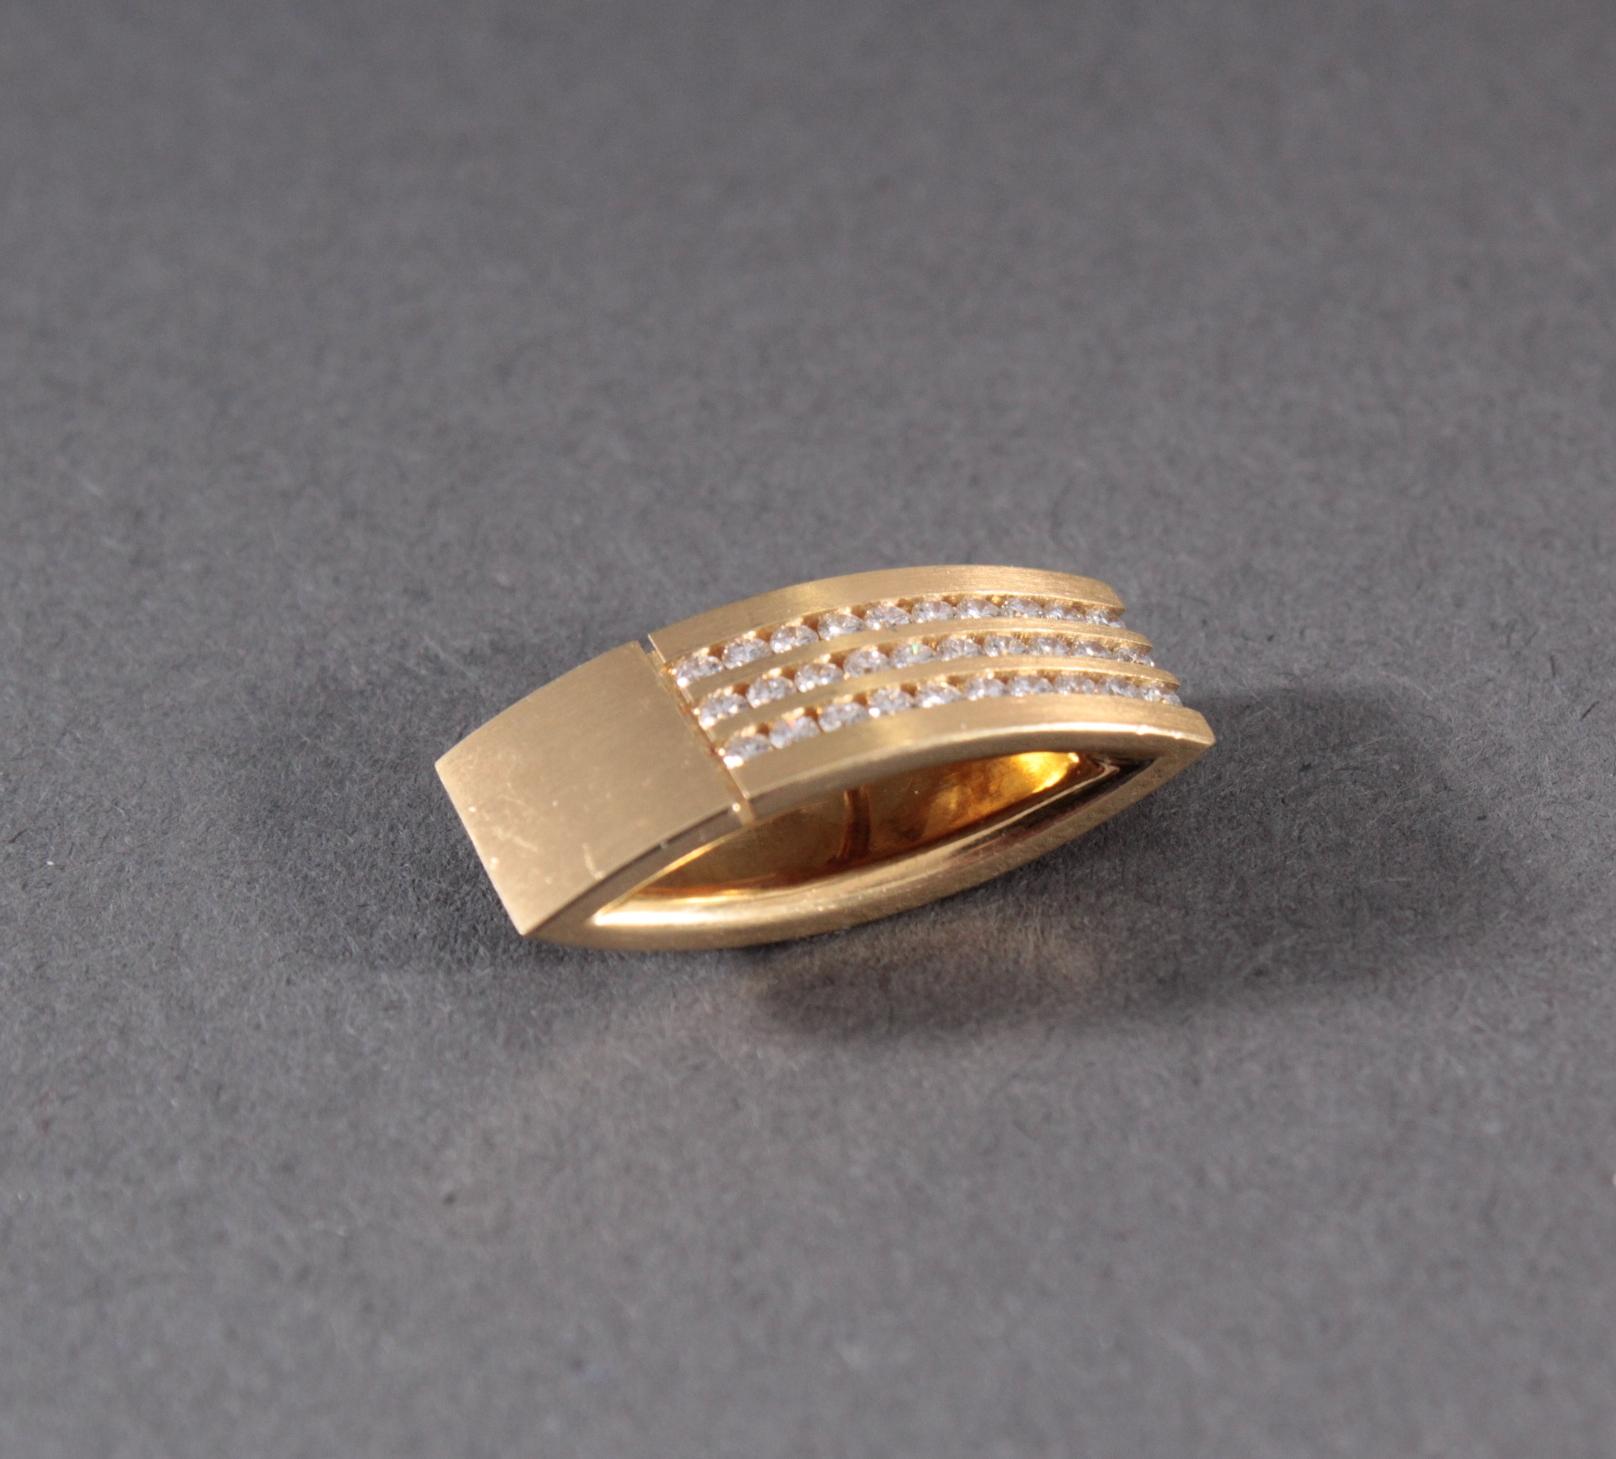 Anhänger mit Diamanten aus 18 Karat Gelbgold-6